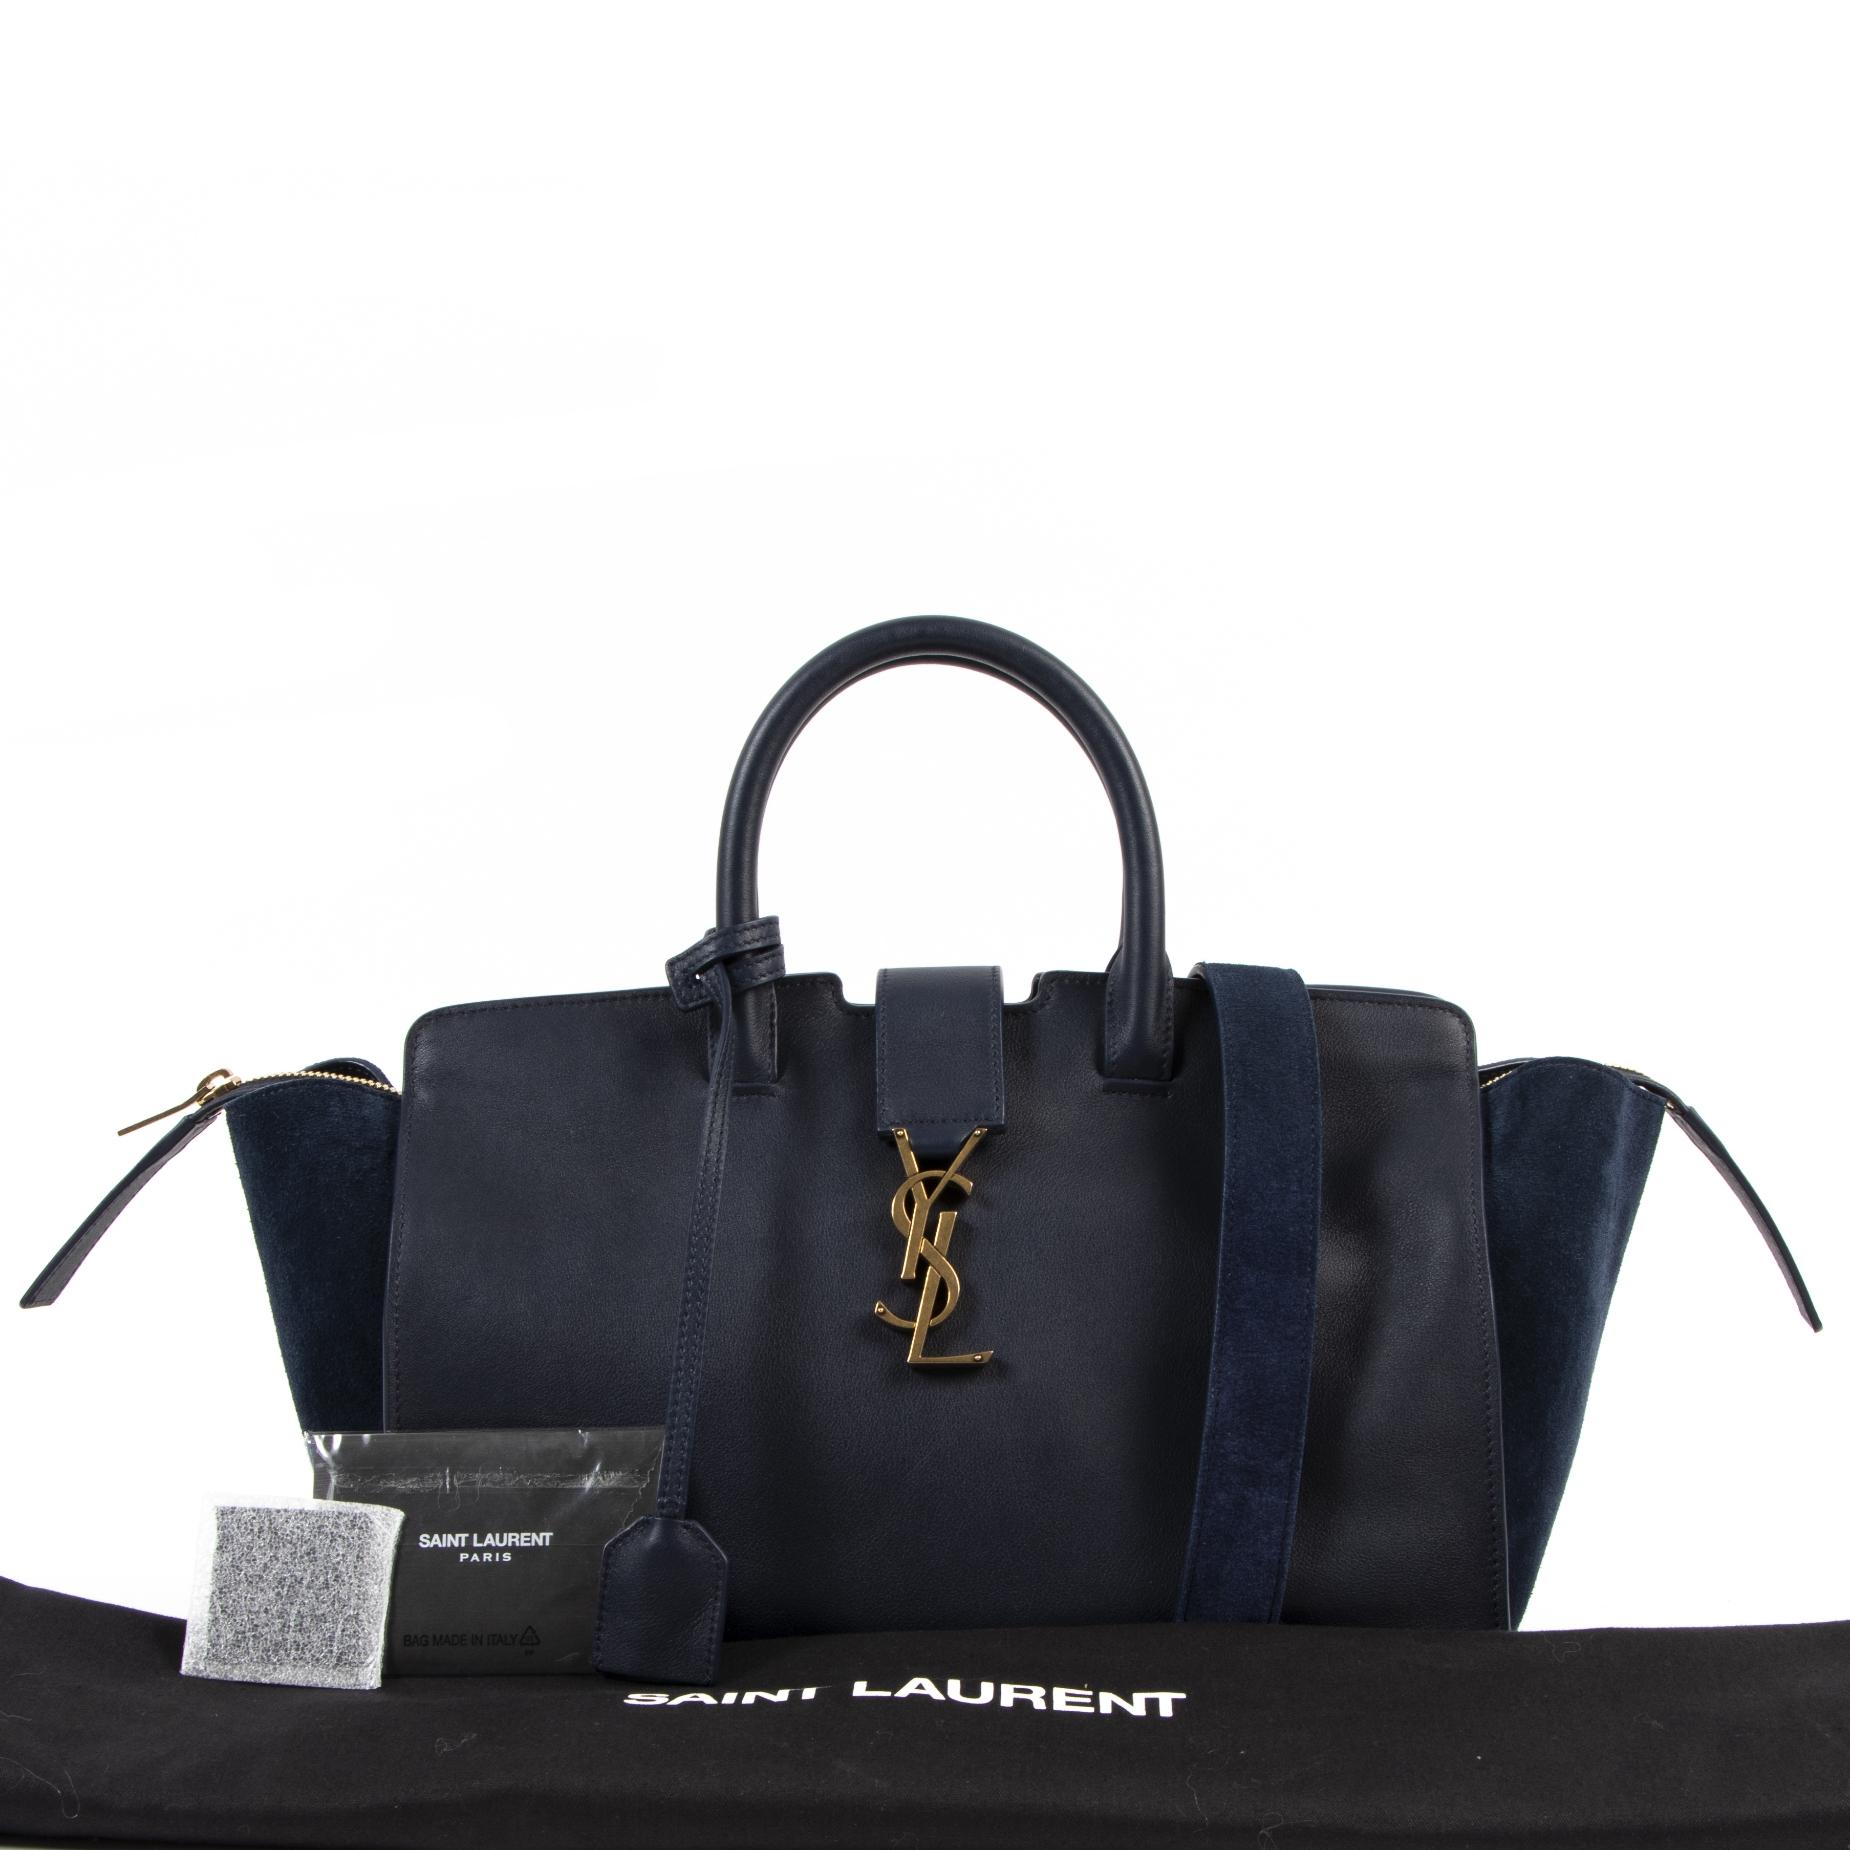 Koop en verkoop uw authentieke designer  Saint Laurent Small Blue Downtown Cabas aan de beste prijs